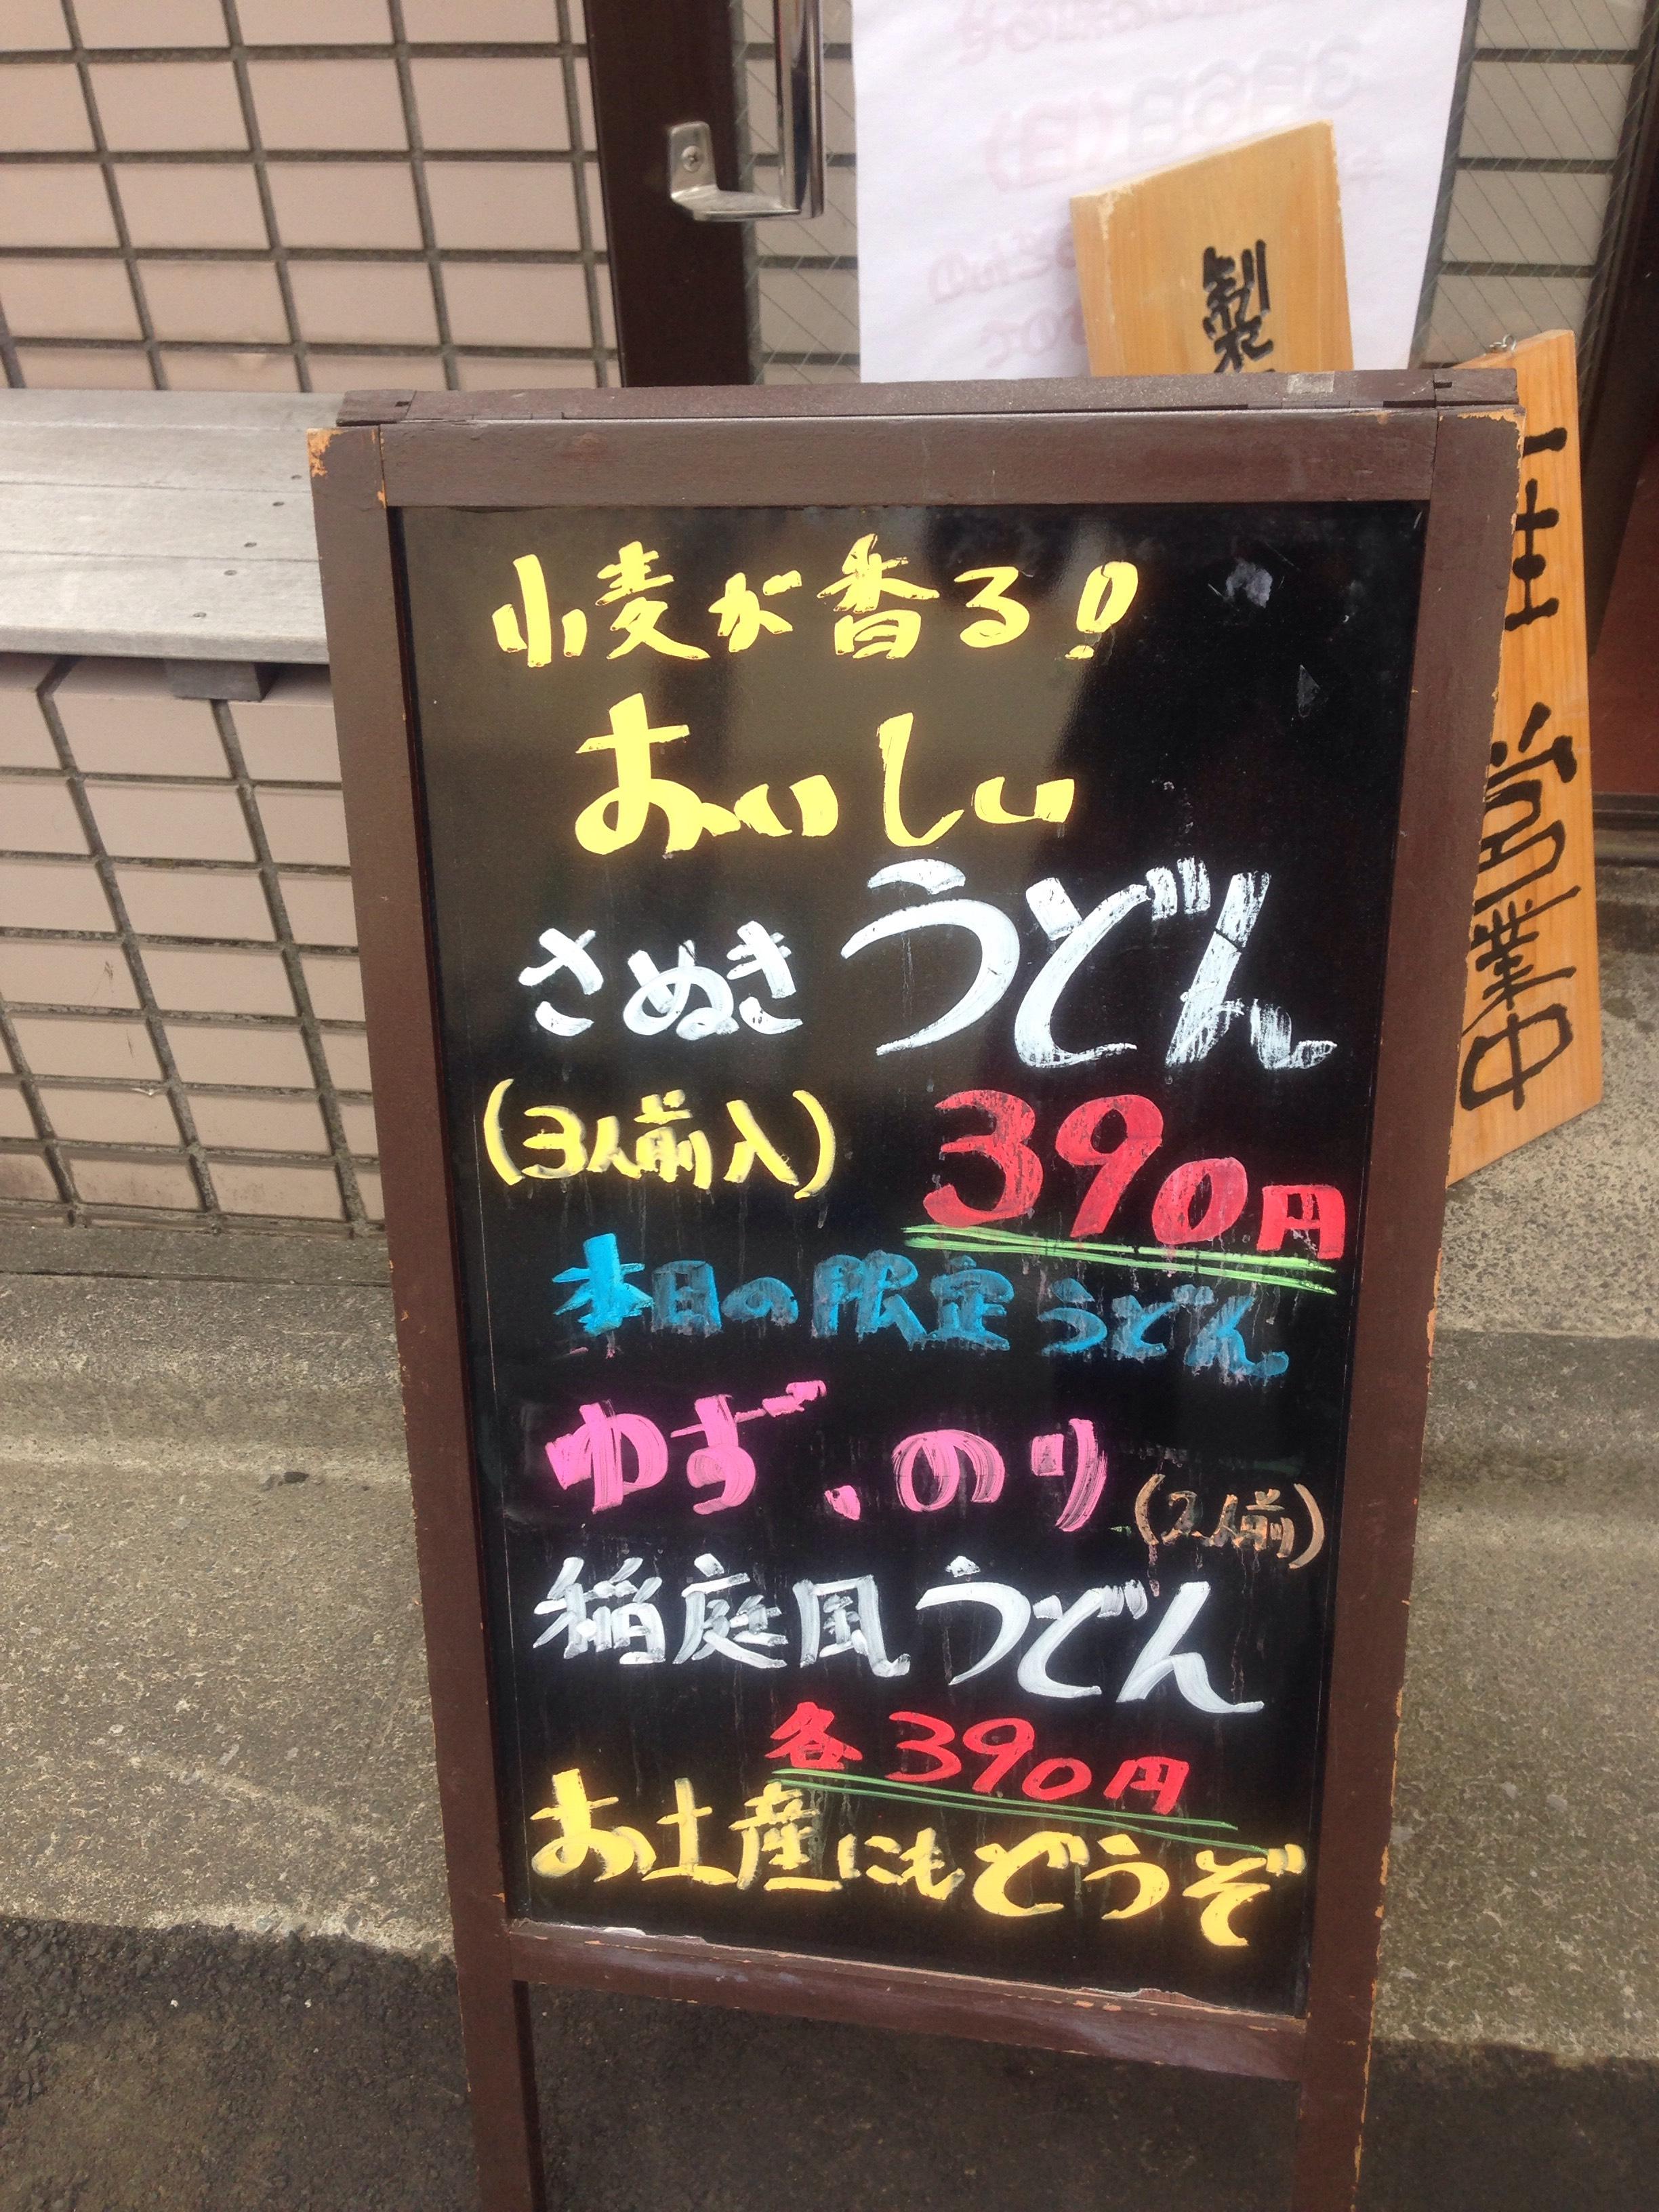 東京都中野区新井3-6-7麺の停車場楽麦舎 打ちたて生うどん直売会店頭ボード